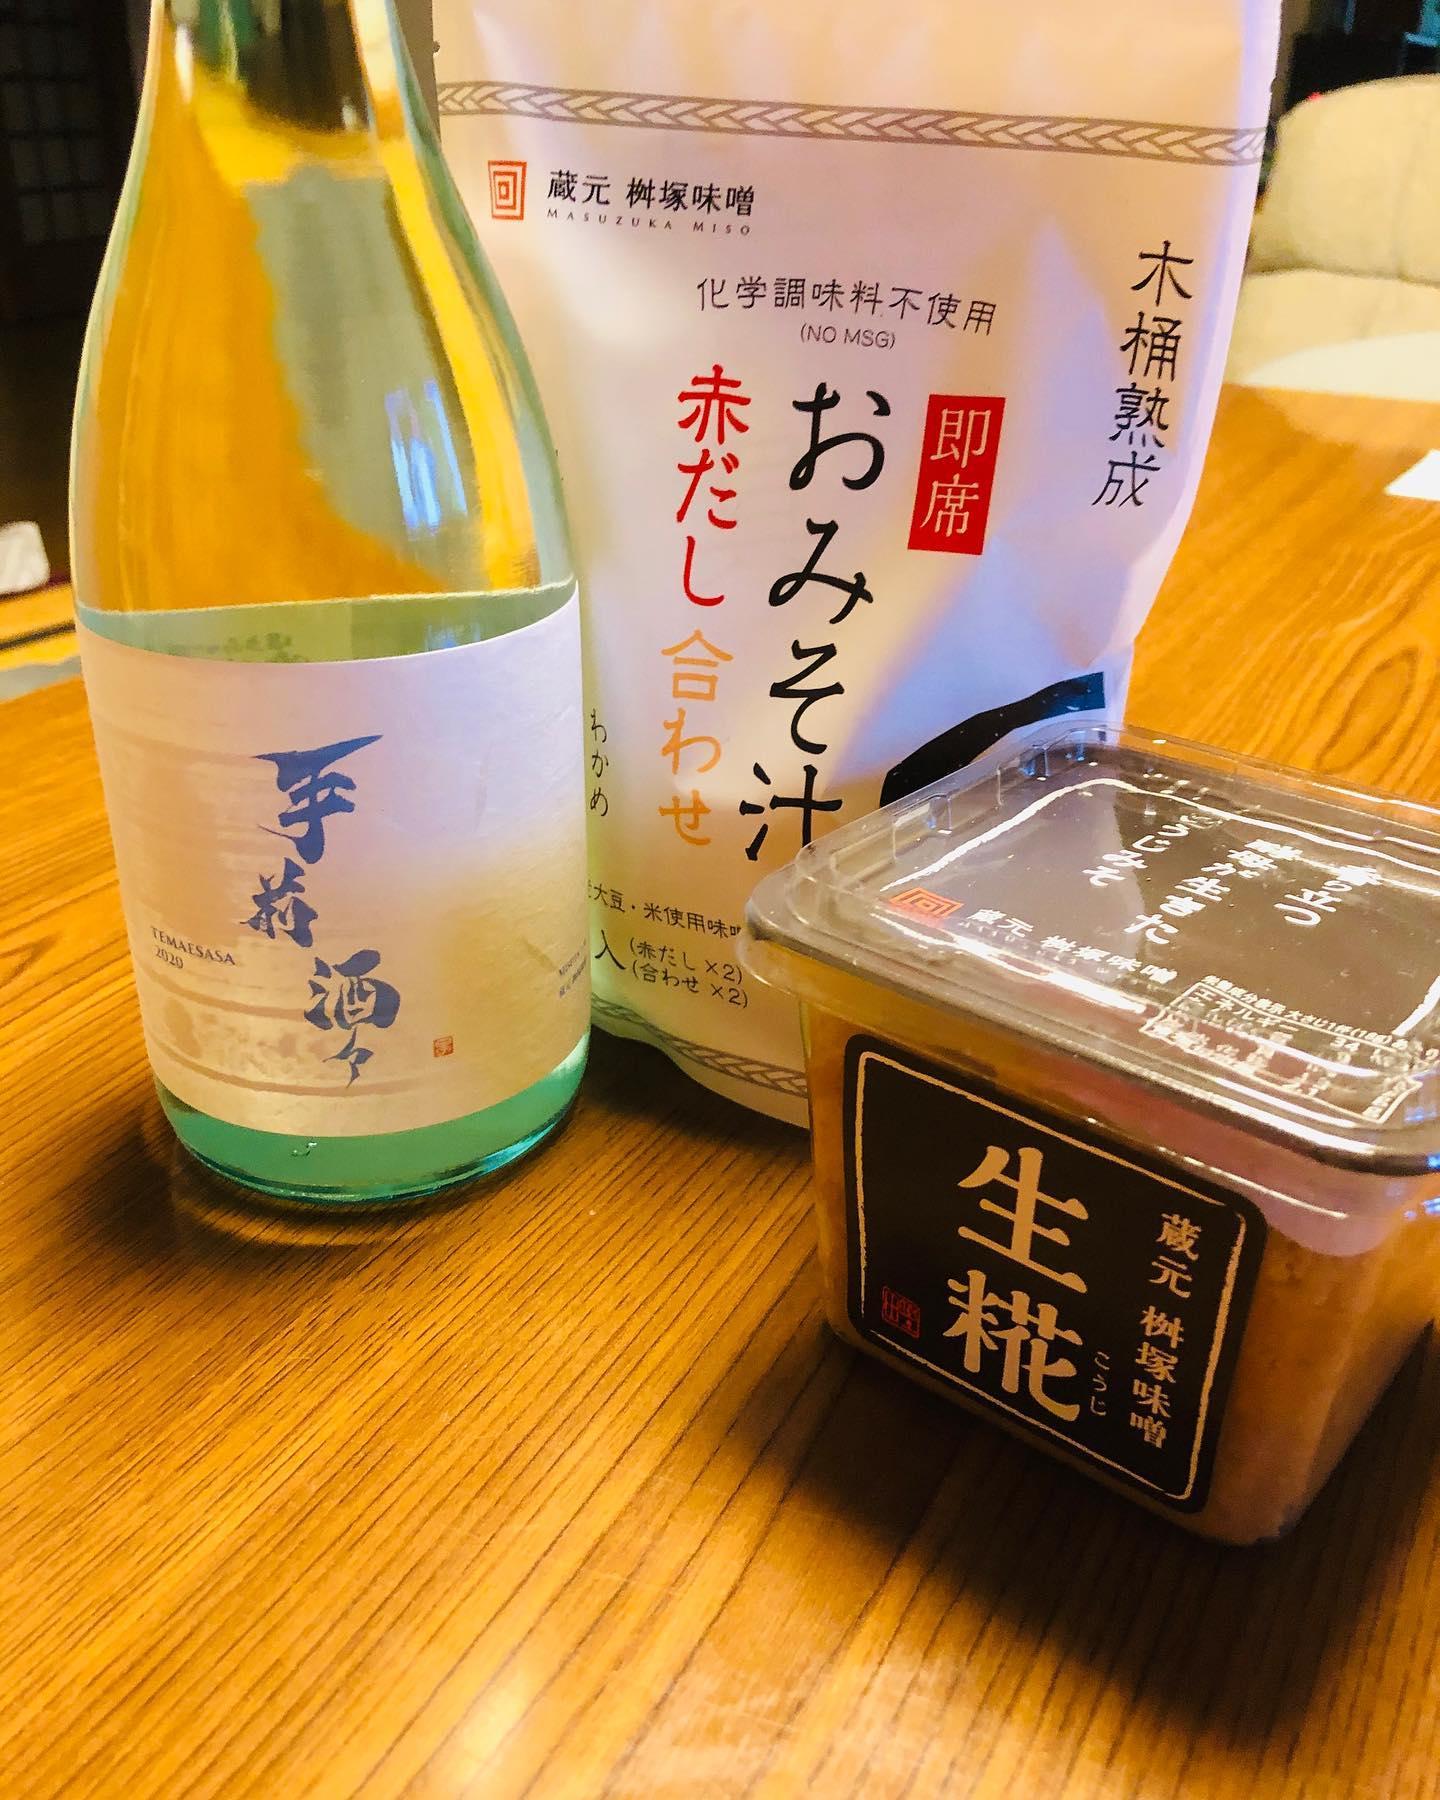 明日から那賀町相生晩茶のお手伝い